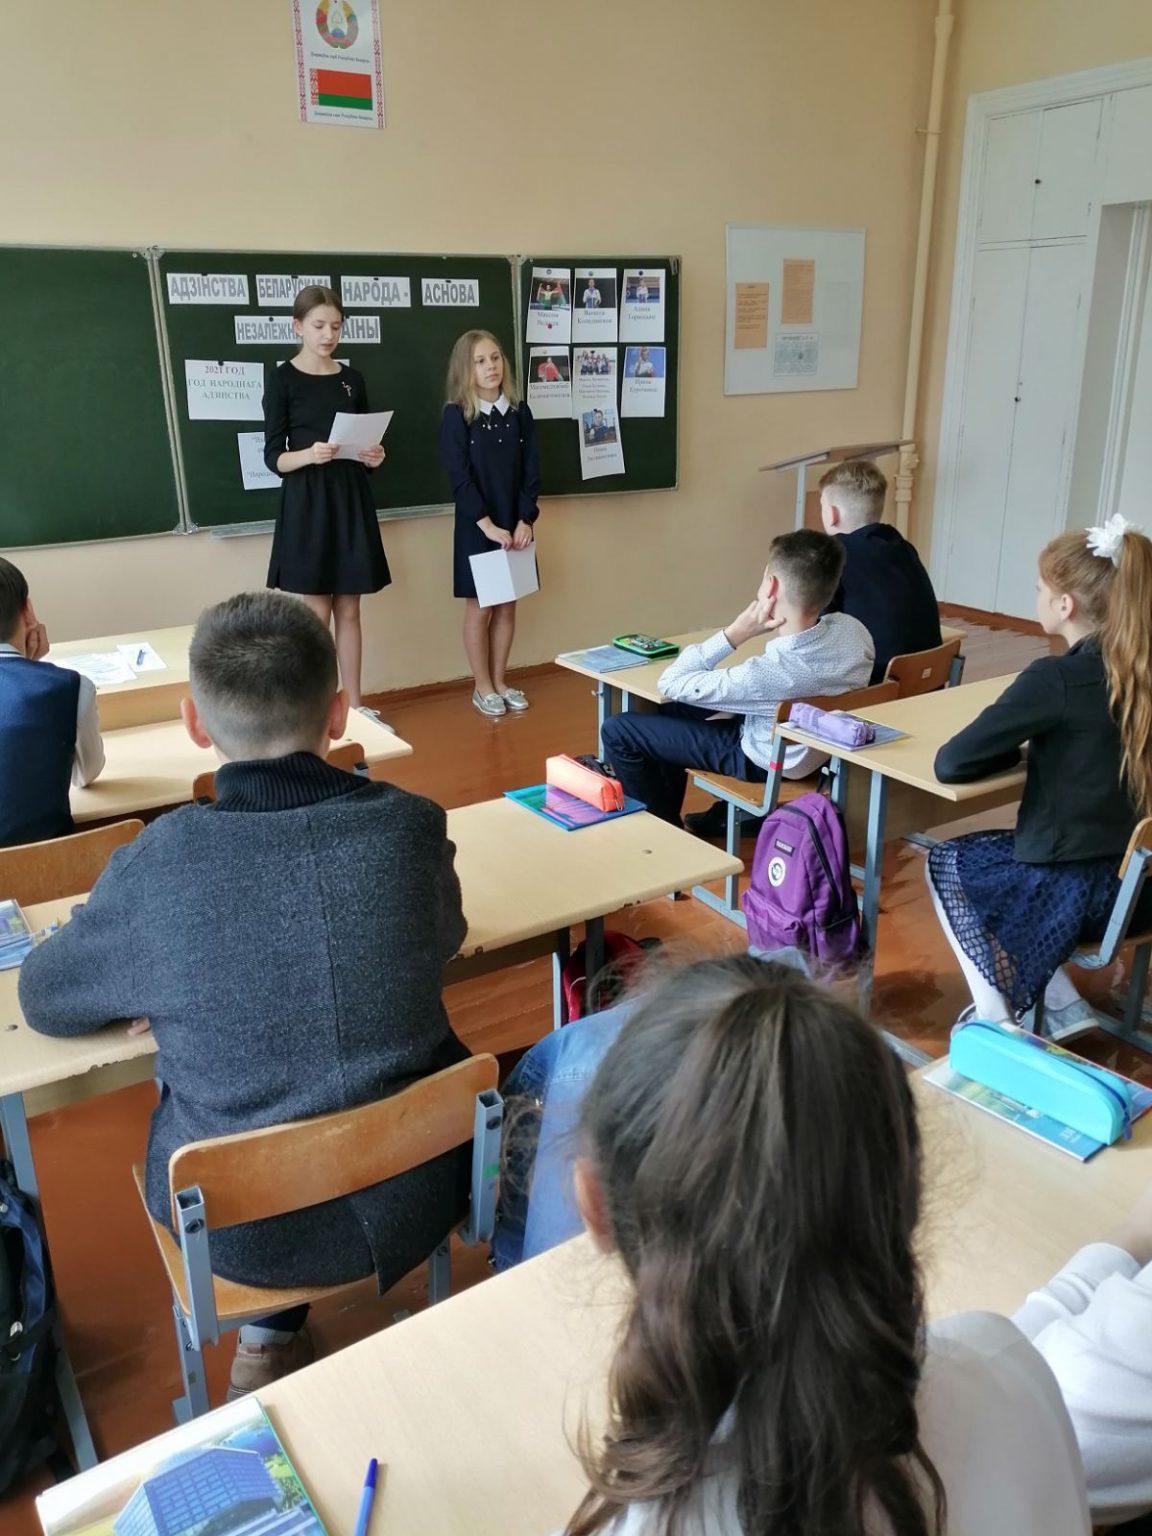 УПК Жирмунские я/с - СШ (урок)